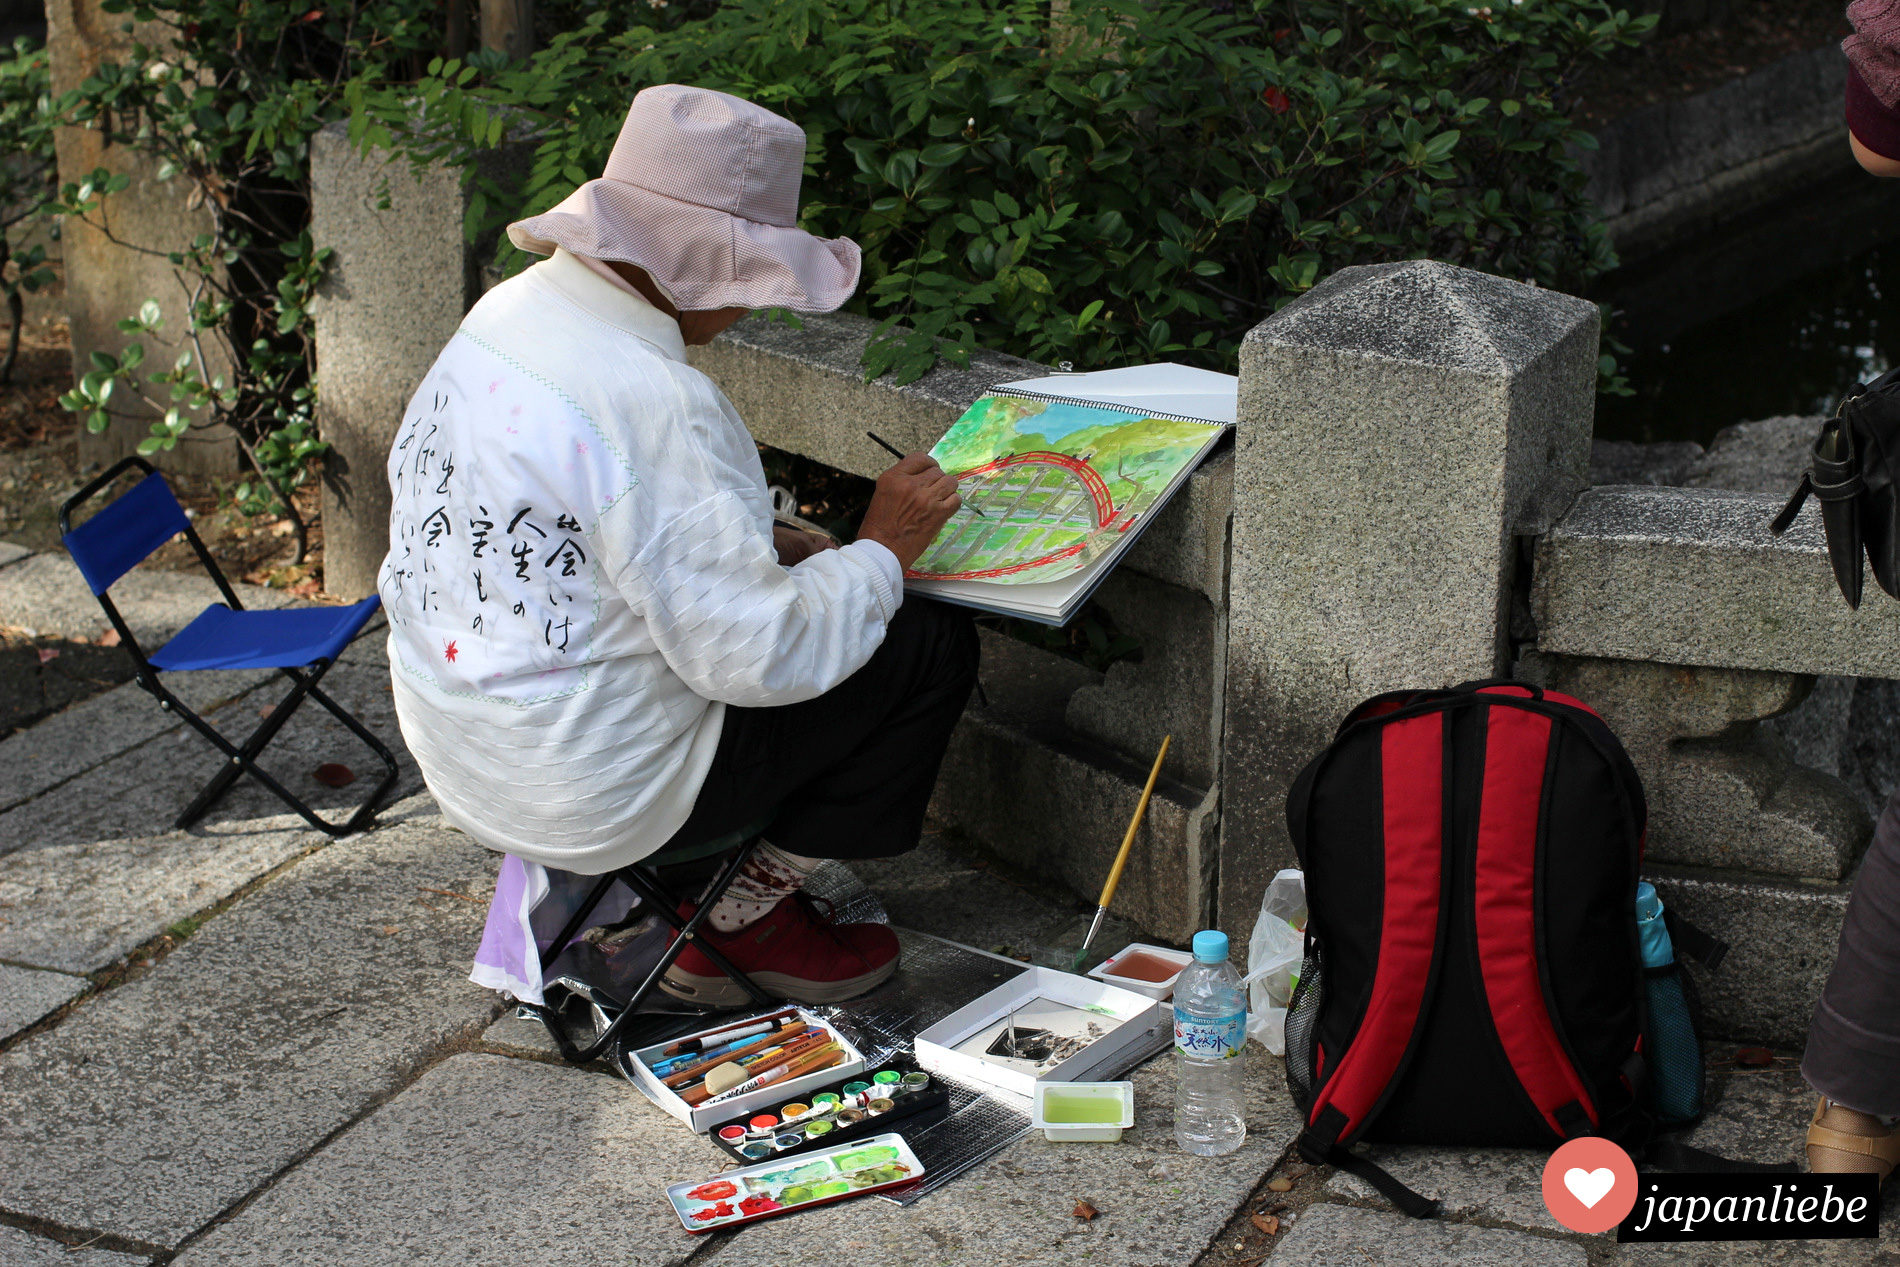 Eine Künstlerin malt die Sorihashi Brücke am Sumiyoshia Taisha Schrein in Ōsaka.